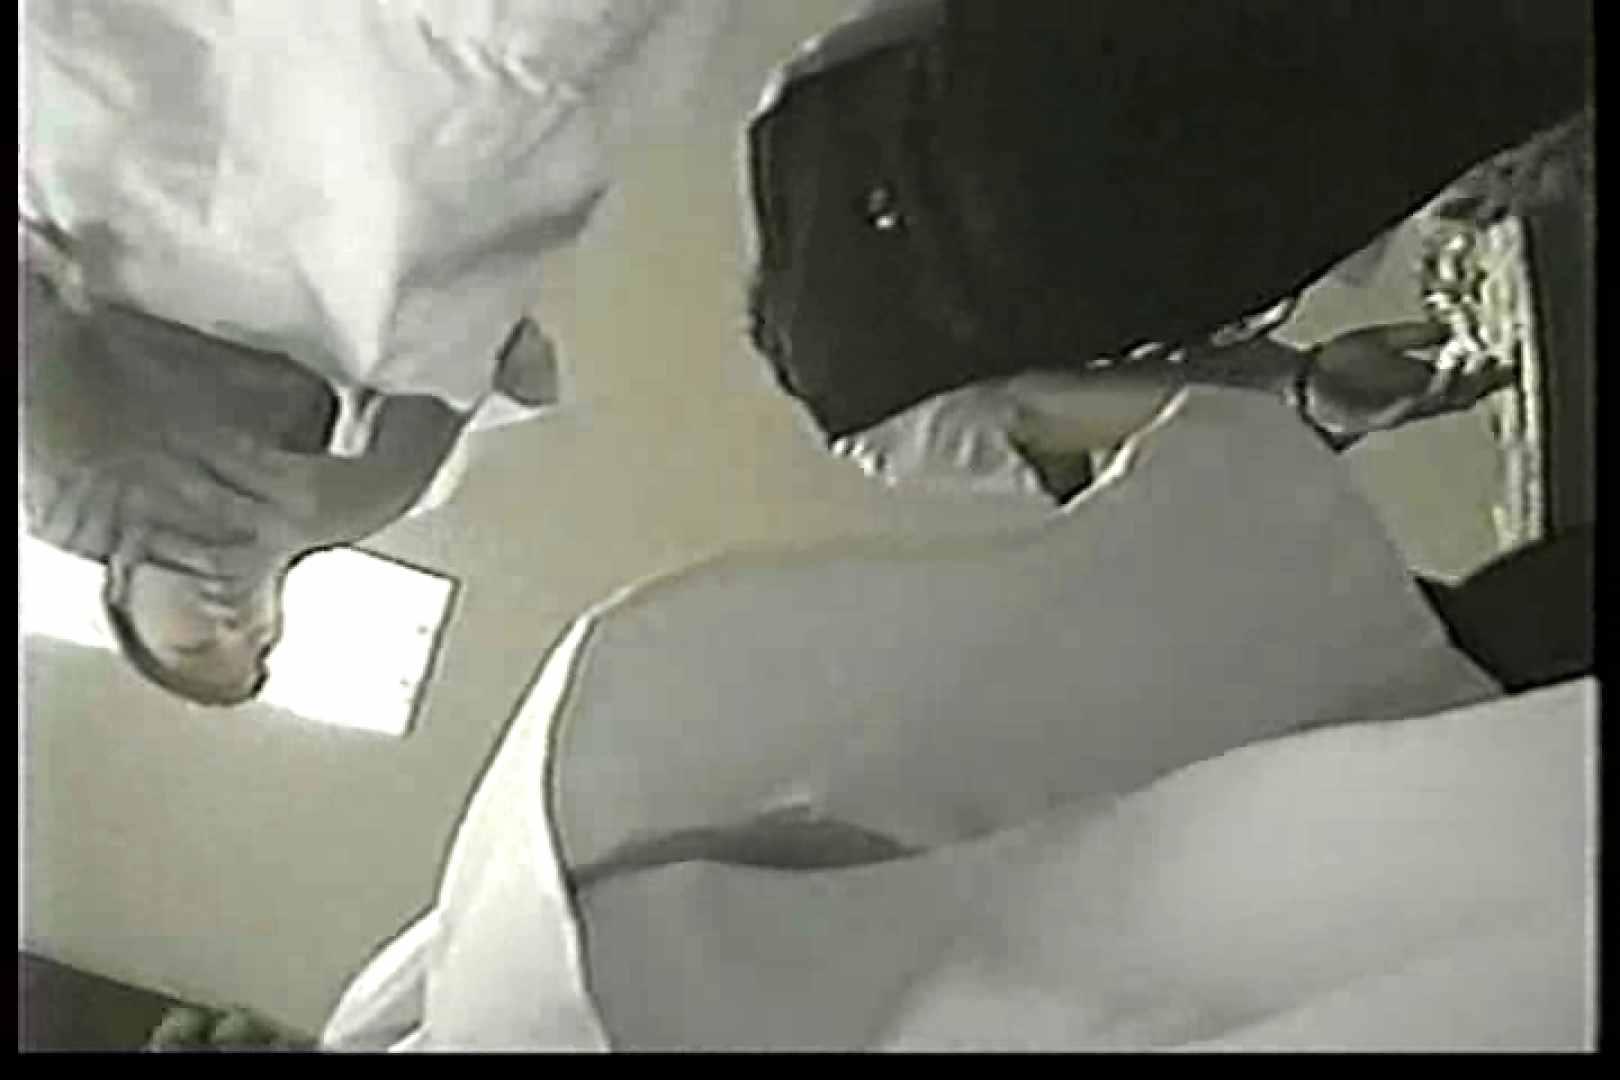 院内密着!看護婦達の下半身事情Vol.3 OLの実態 盗撮えろ無修正画像 23pic 10